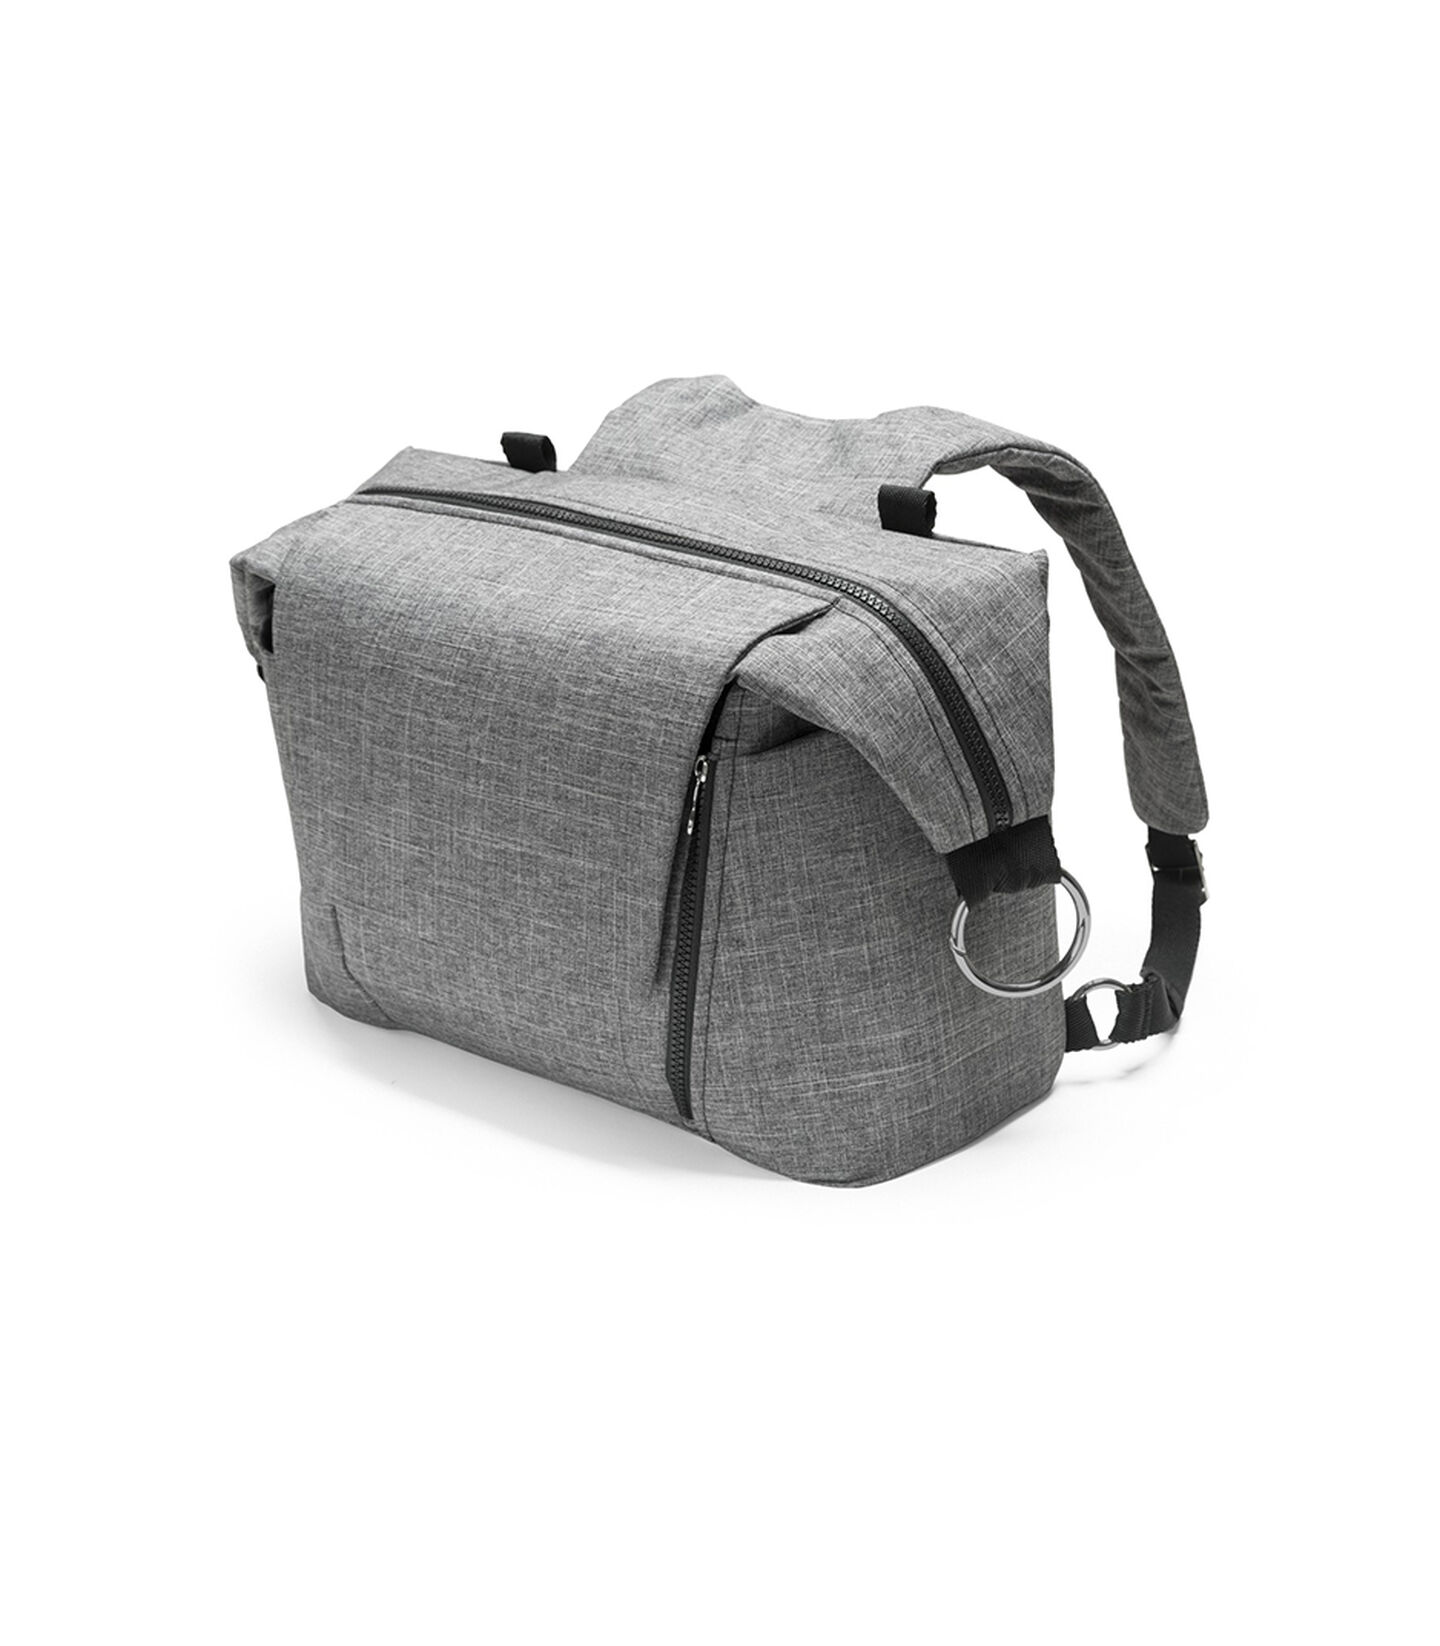 Stokke® Stroller Changing Bag, Black Melange. view 2